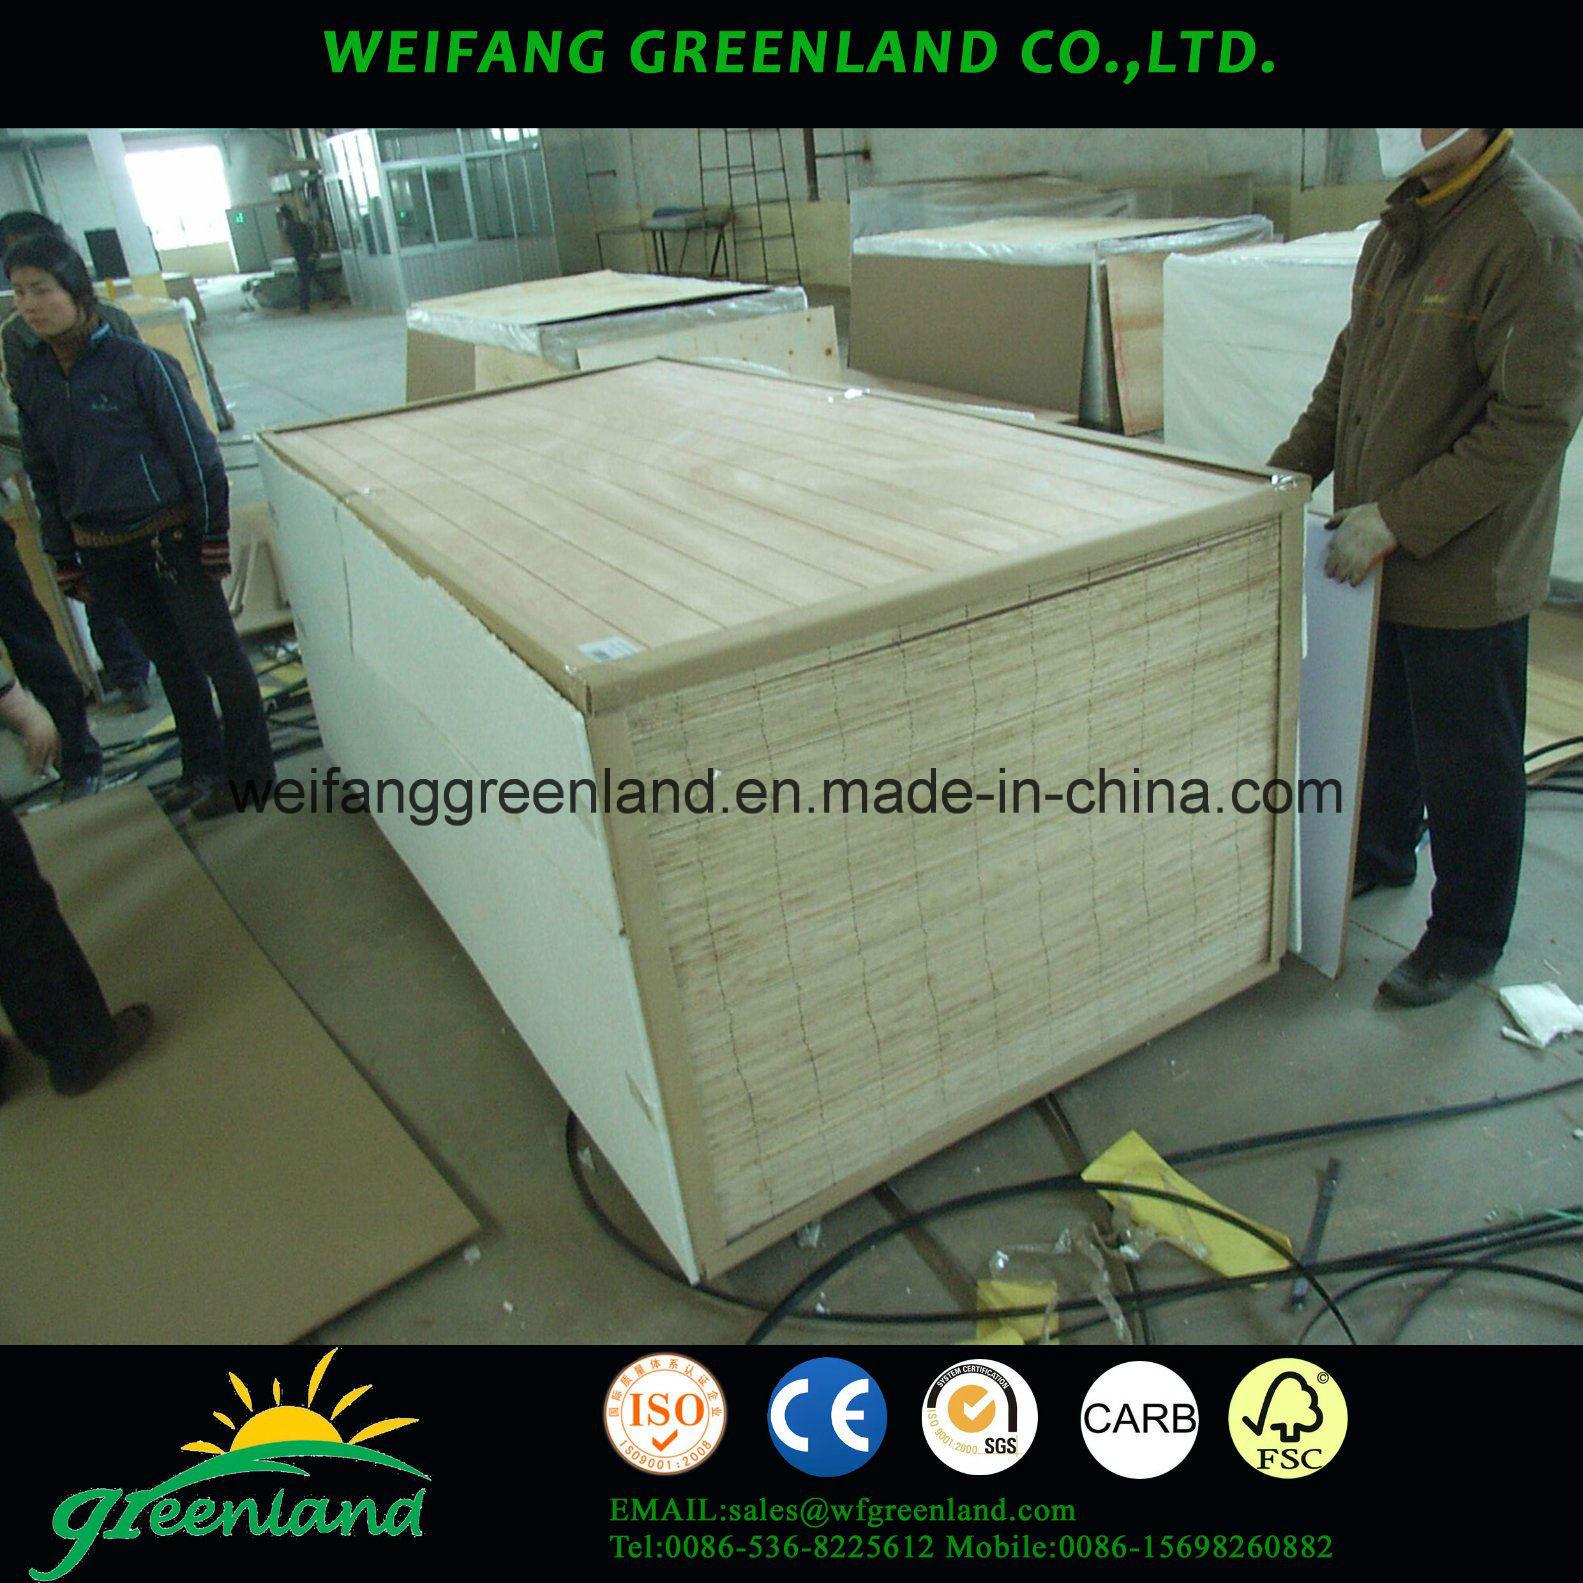 12mm Sloted Plywood, Hardwood Core, Phenolic Glue and Okume Film